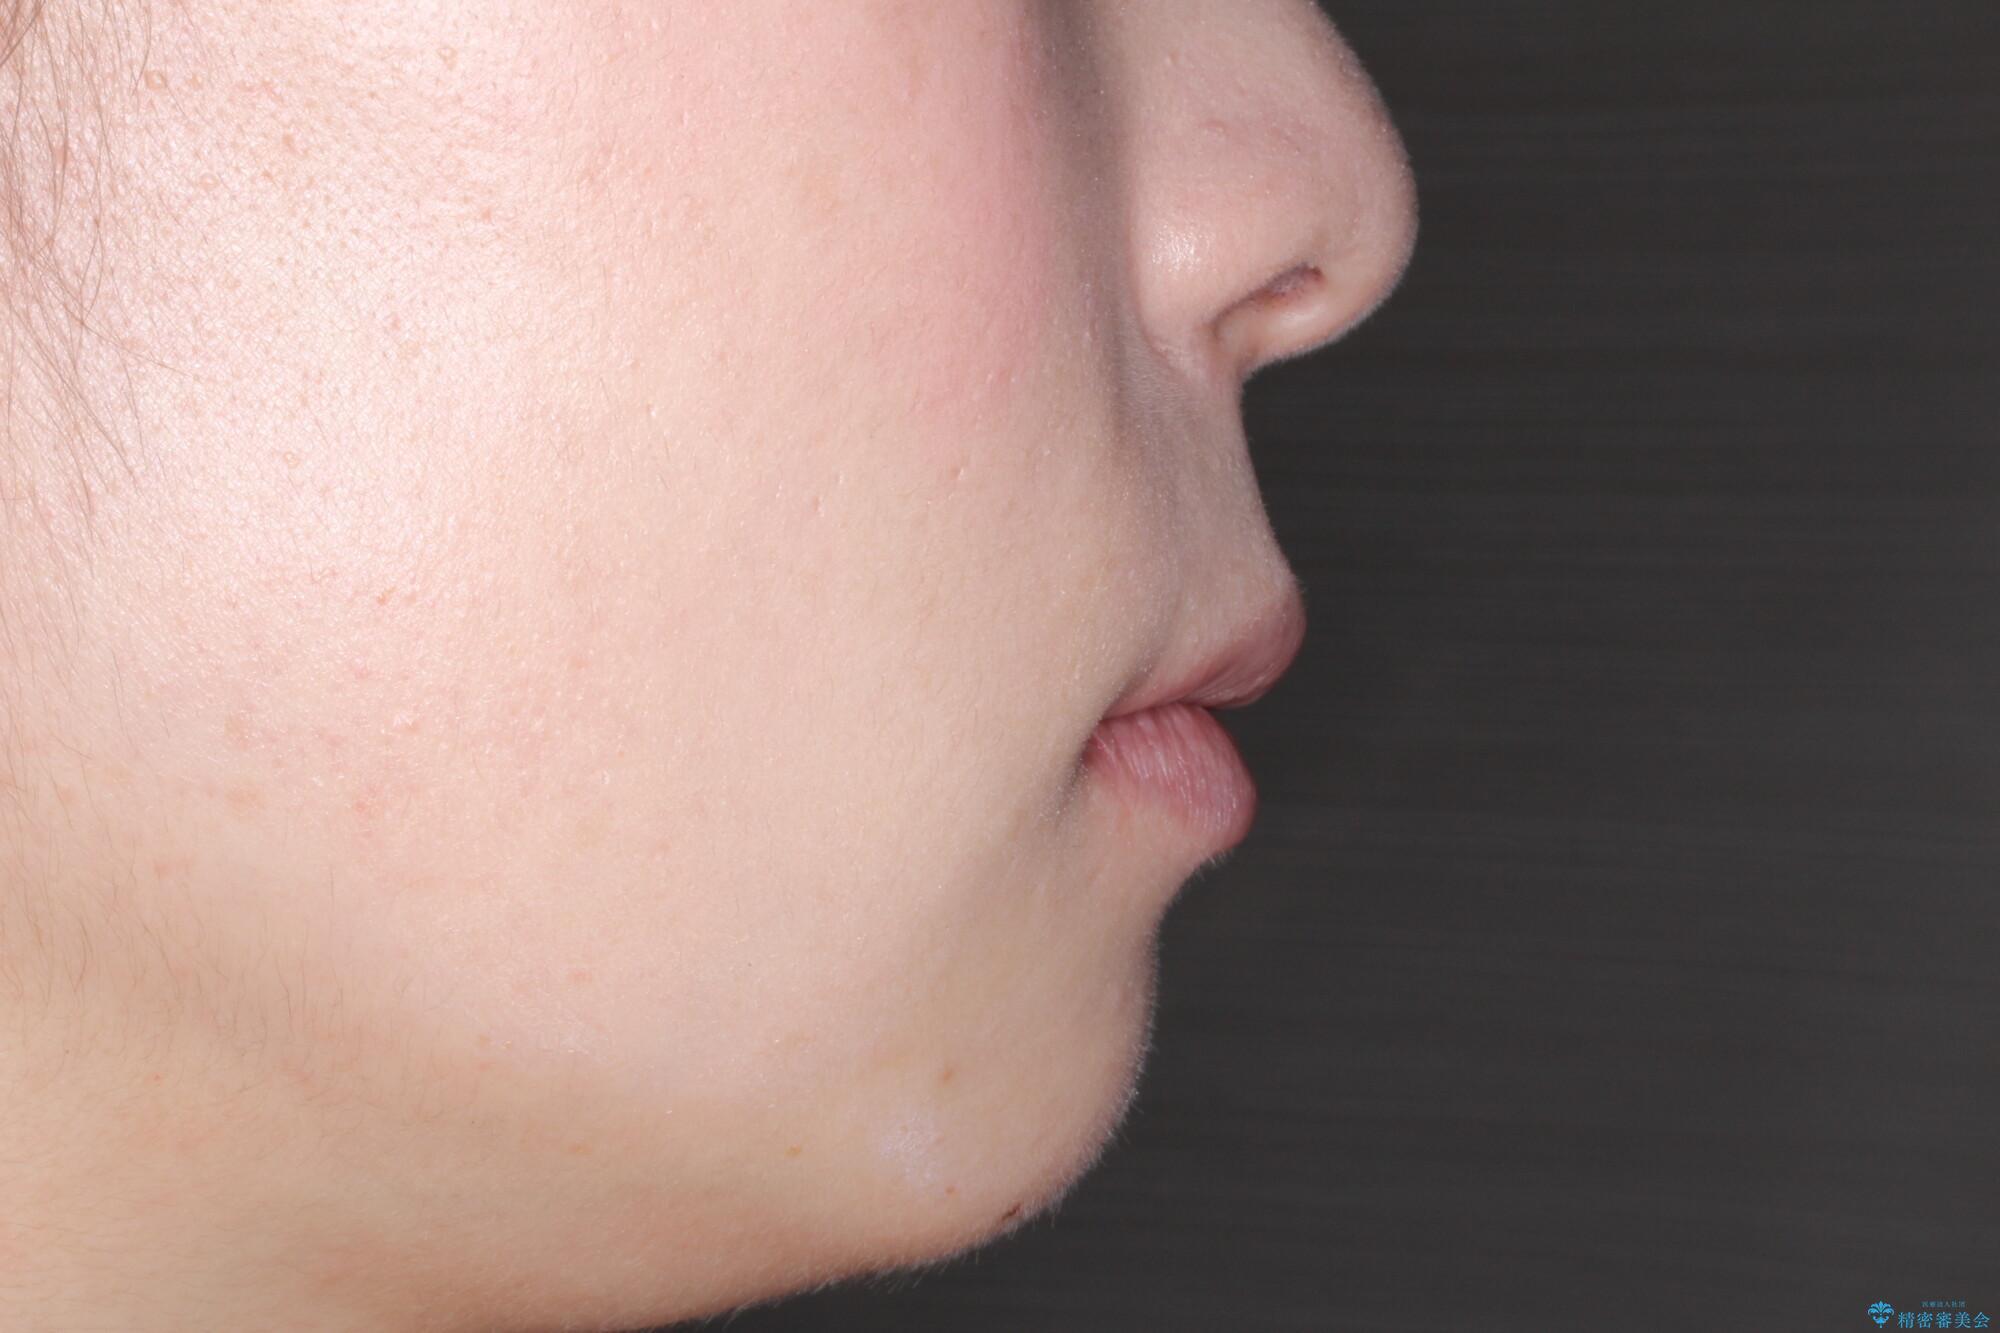 口が閉じにくい 口ゴボの抜歯矯正による改善の治療後(顔貌)